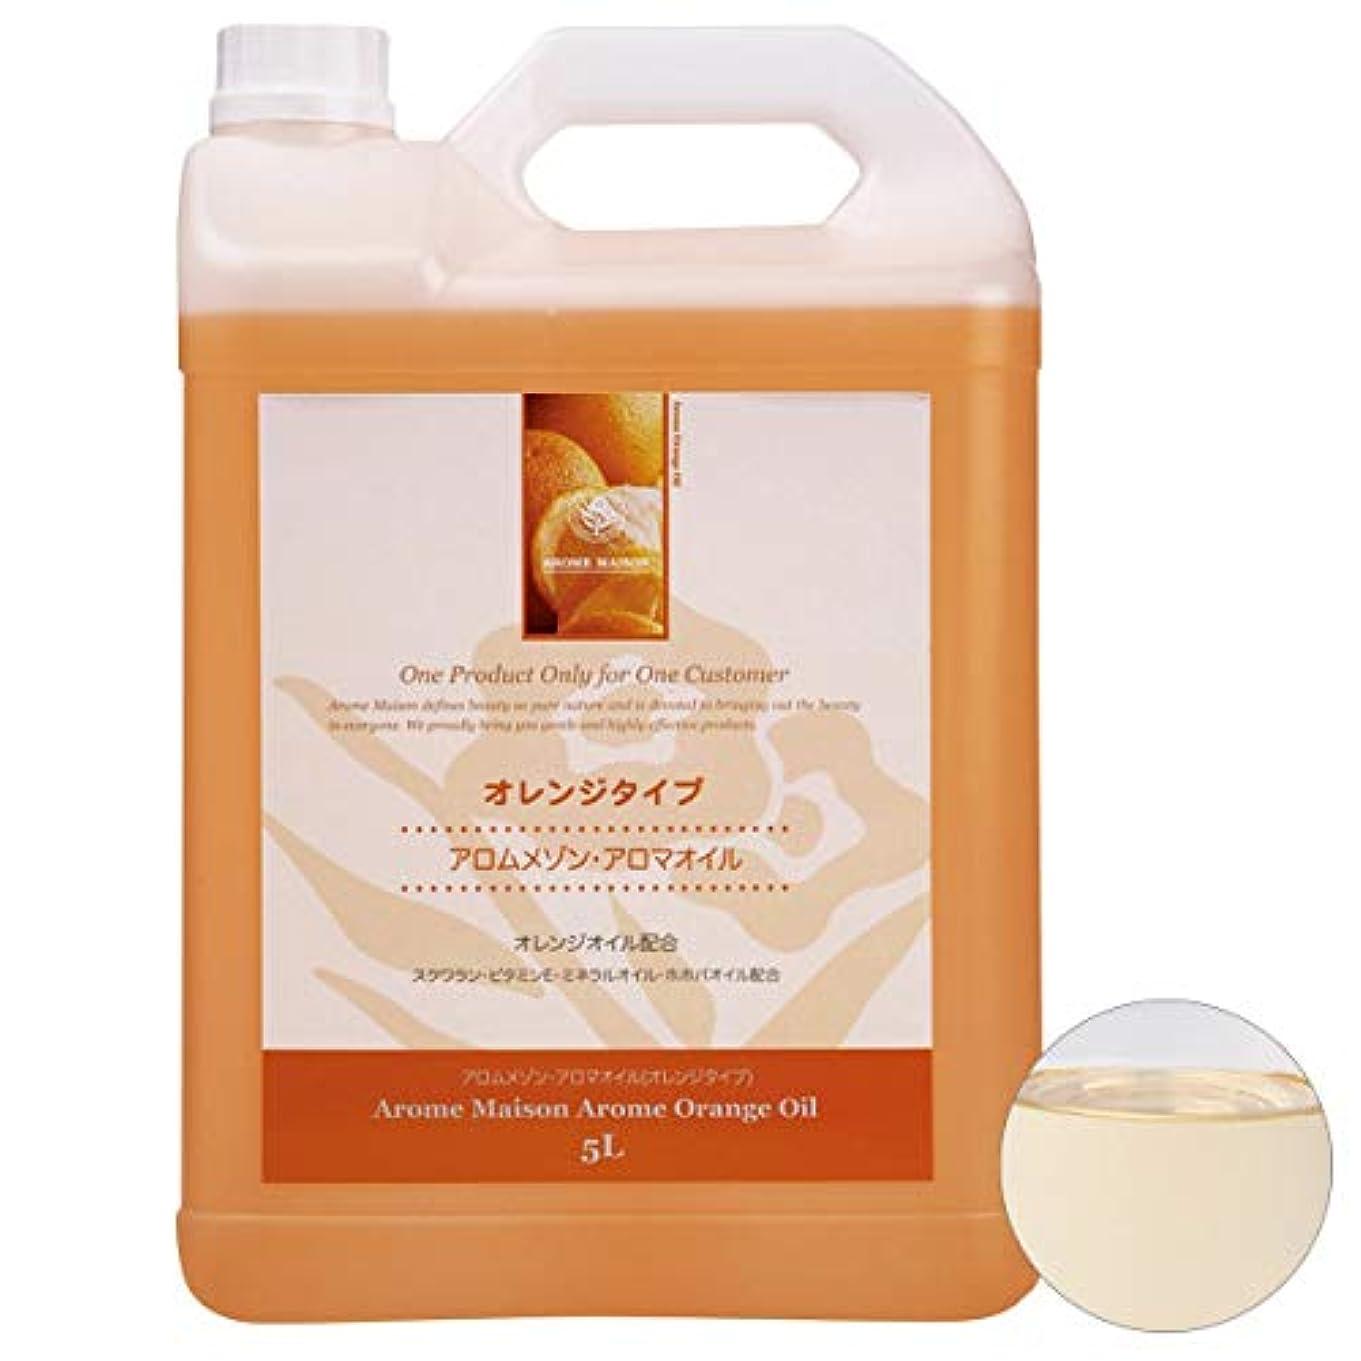 ポテト指導する主張するアロムメゾン マッサージオイル オレンジ 5L 業務用 ボディ アロママッサージオイル